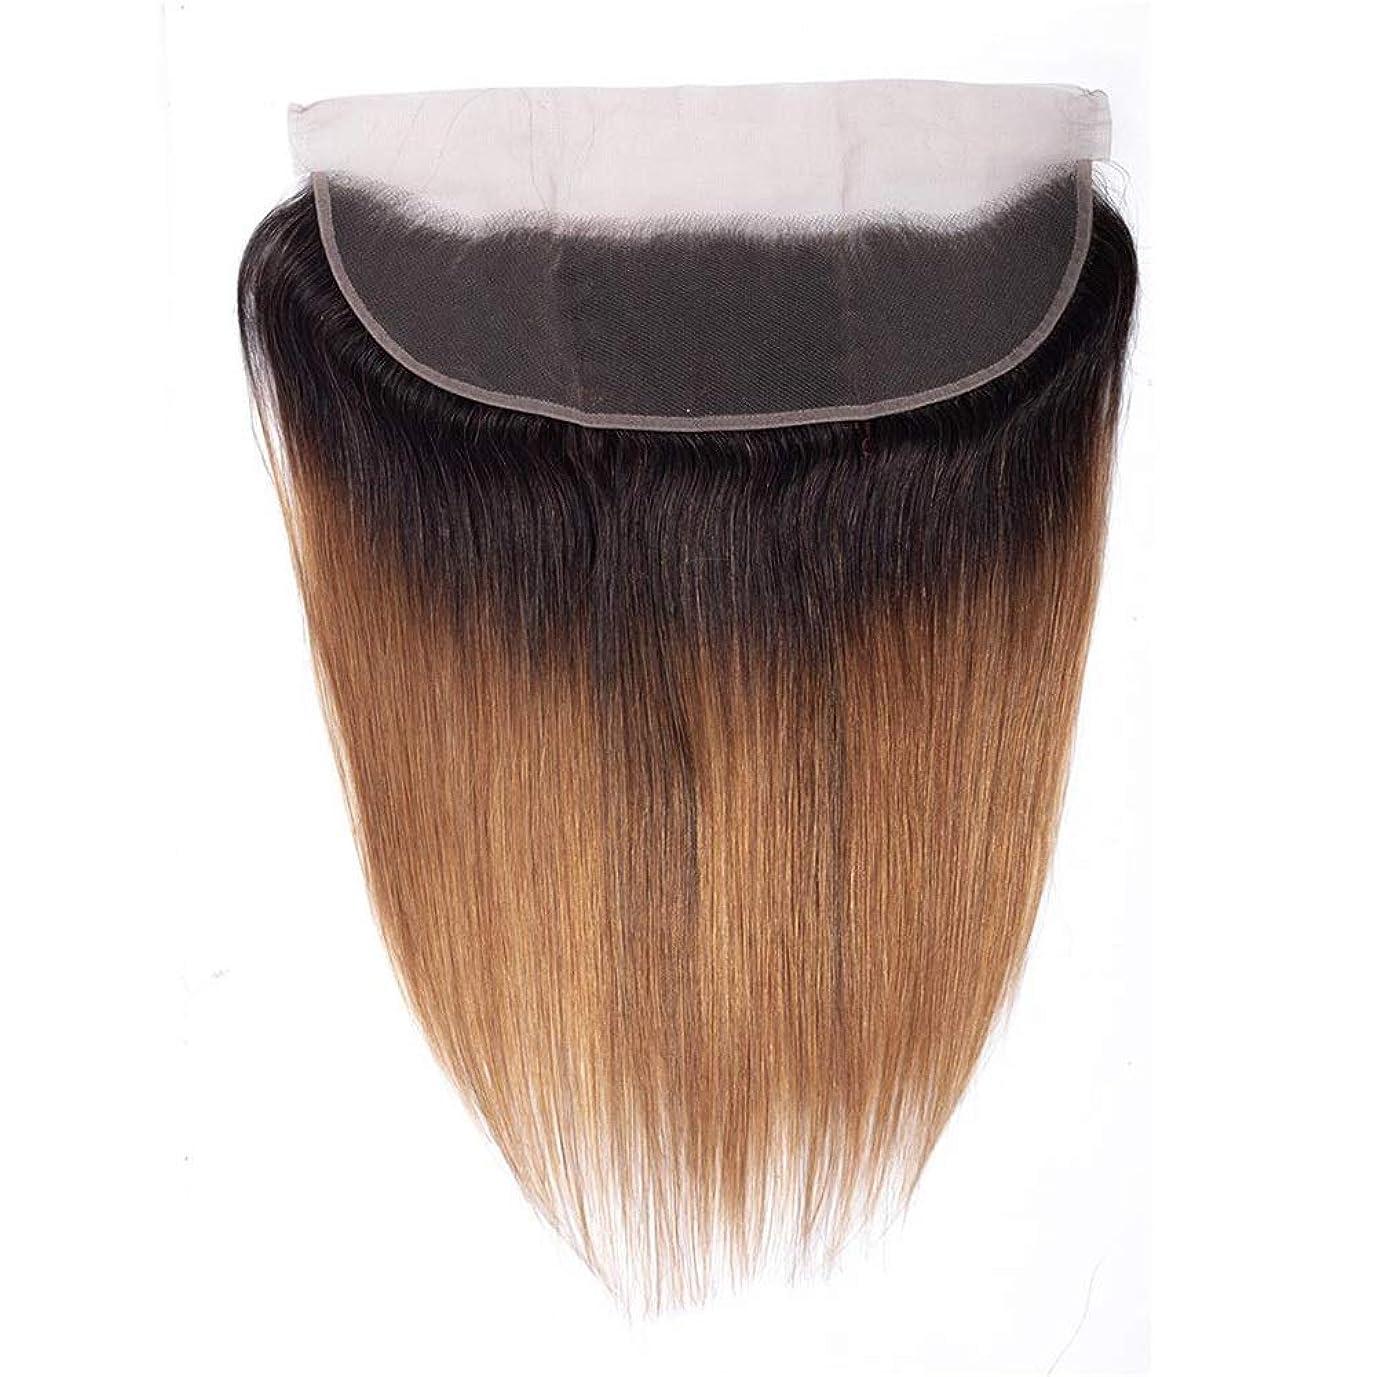 百万エキゾチックミスBOBIDYEE ブラジルの人間の髪の毛ストレート13 * 4レースクロージャー1B / 30黒から茶色の2トーンの色(8インチ18インチ)かつらショートかつら (色 : ブラウン, サイズ : 16 inch)